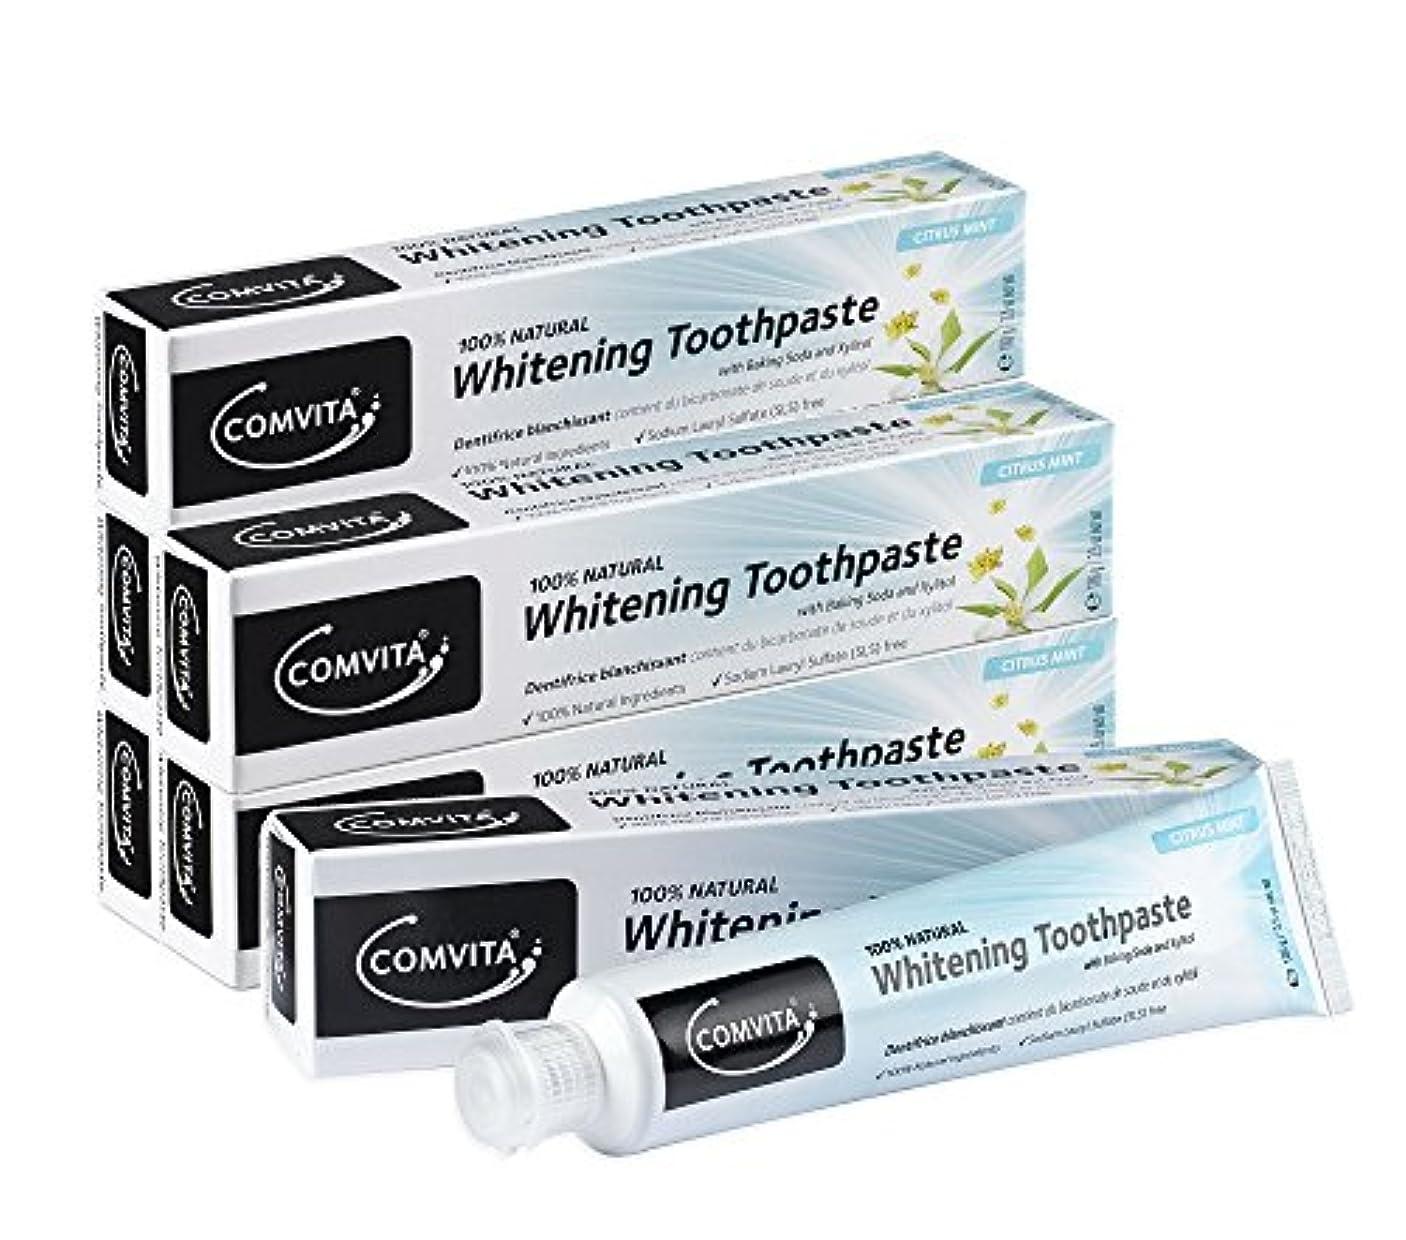 情緒的責論理ホワイトニング歯磨き コンビタ 100g お得な6本セット whitening toothpaste